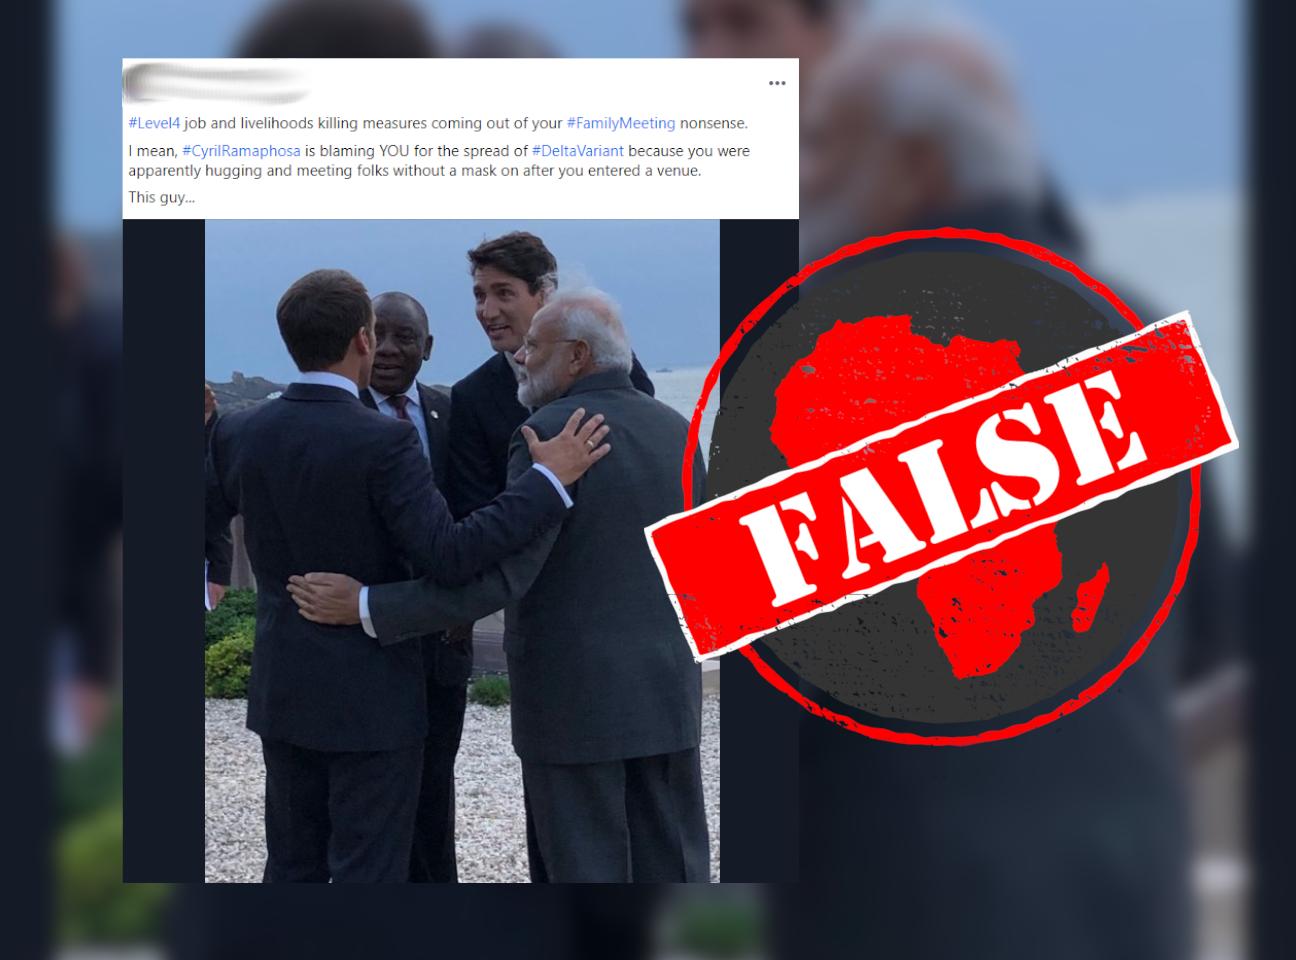 RamaphosaMask_False